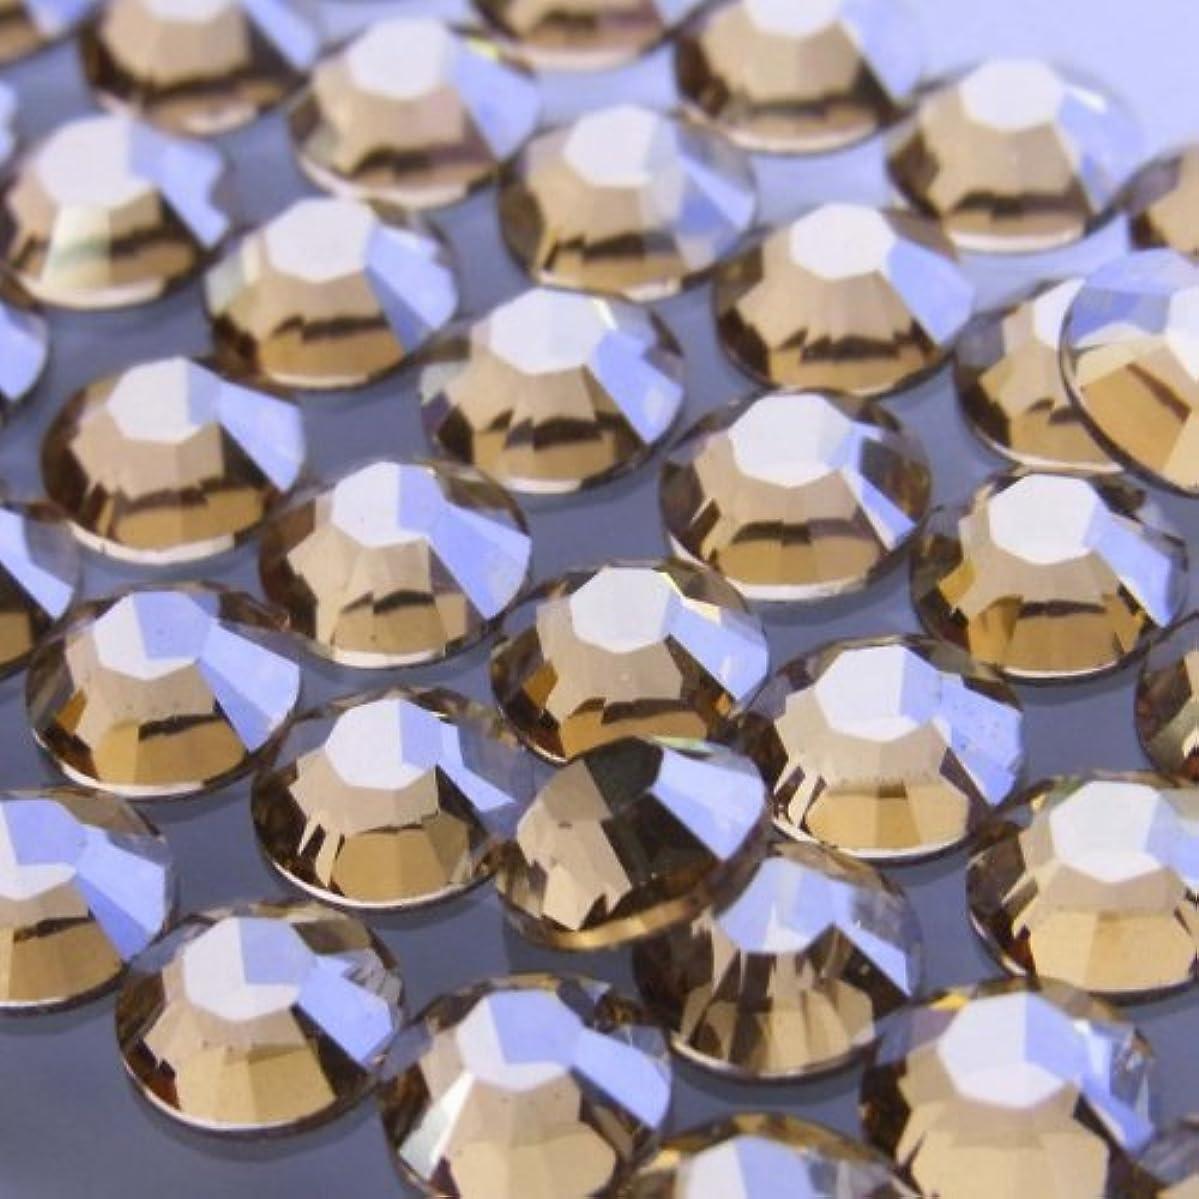 するだろうリハーサル幻影2058クリスタルゴールデンシャドウss9(100粒入り)スワロフスキーラインストーン(nohotfix)